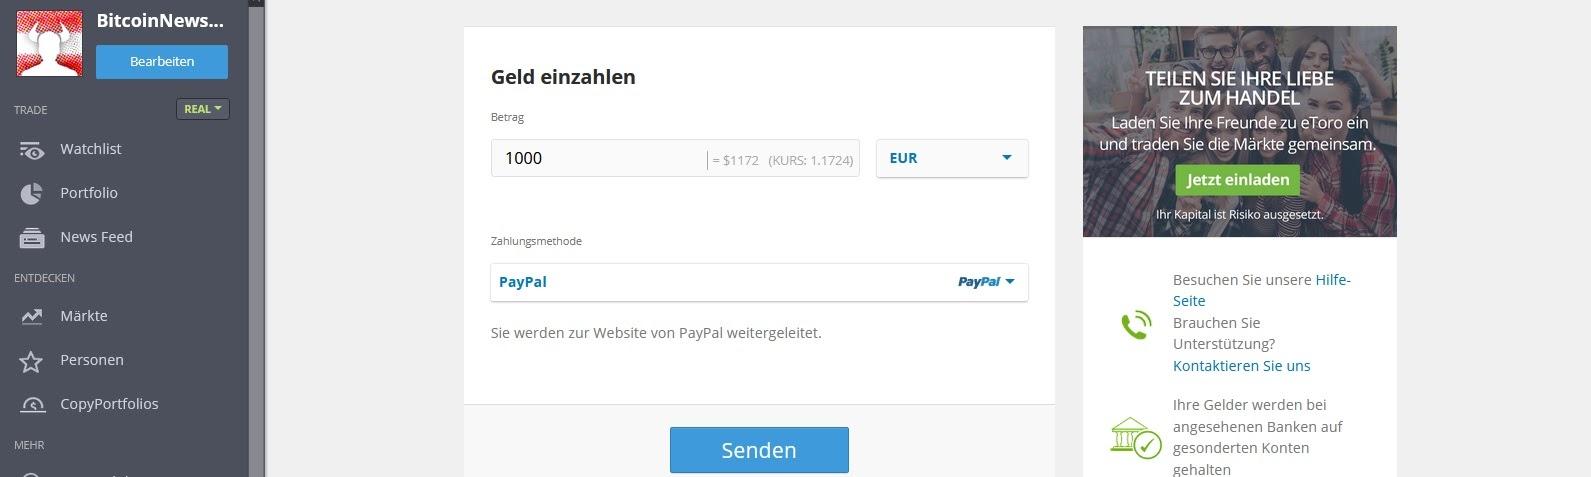 Внесите деньги с eToro через PayPal